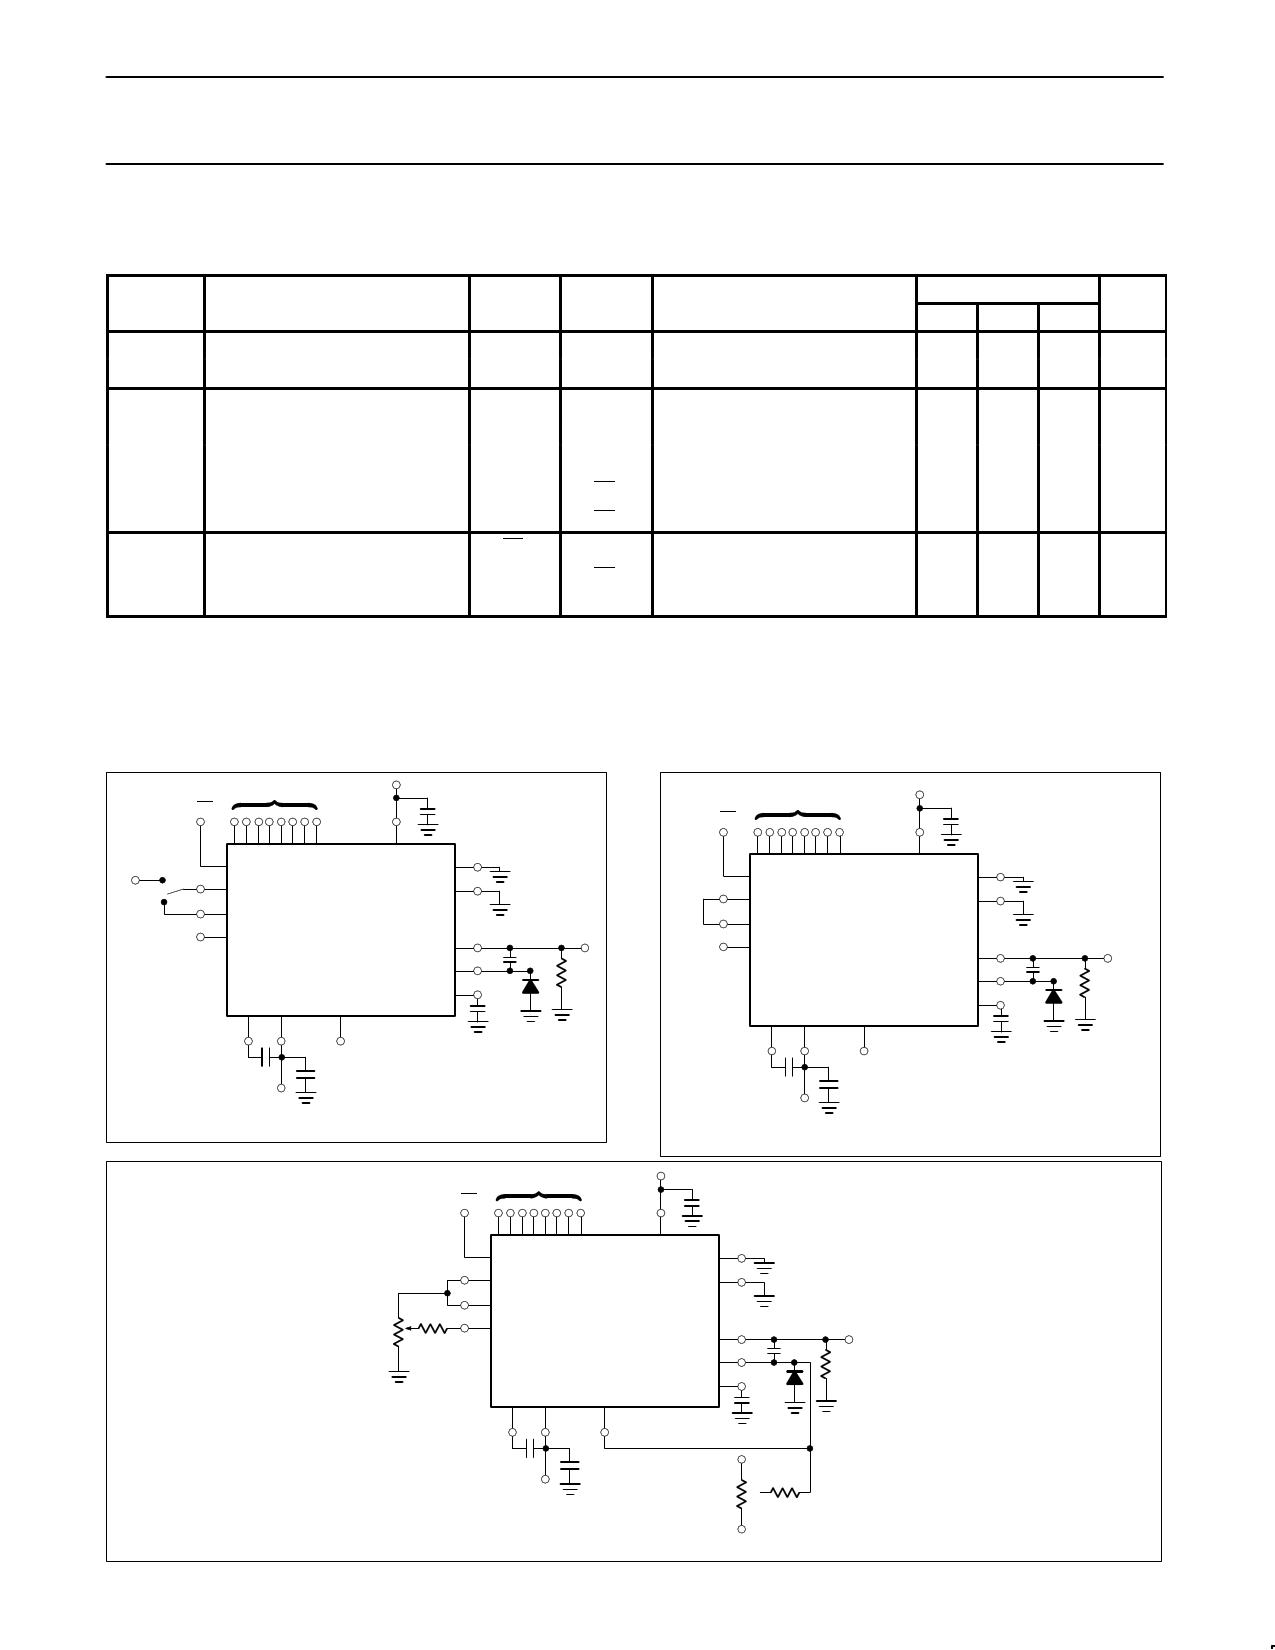 SE5019N pdf, 반도체, 판매, 대치품